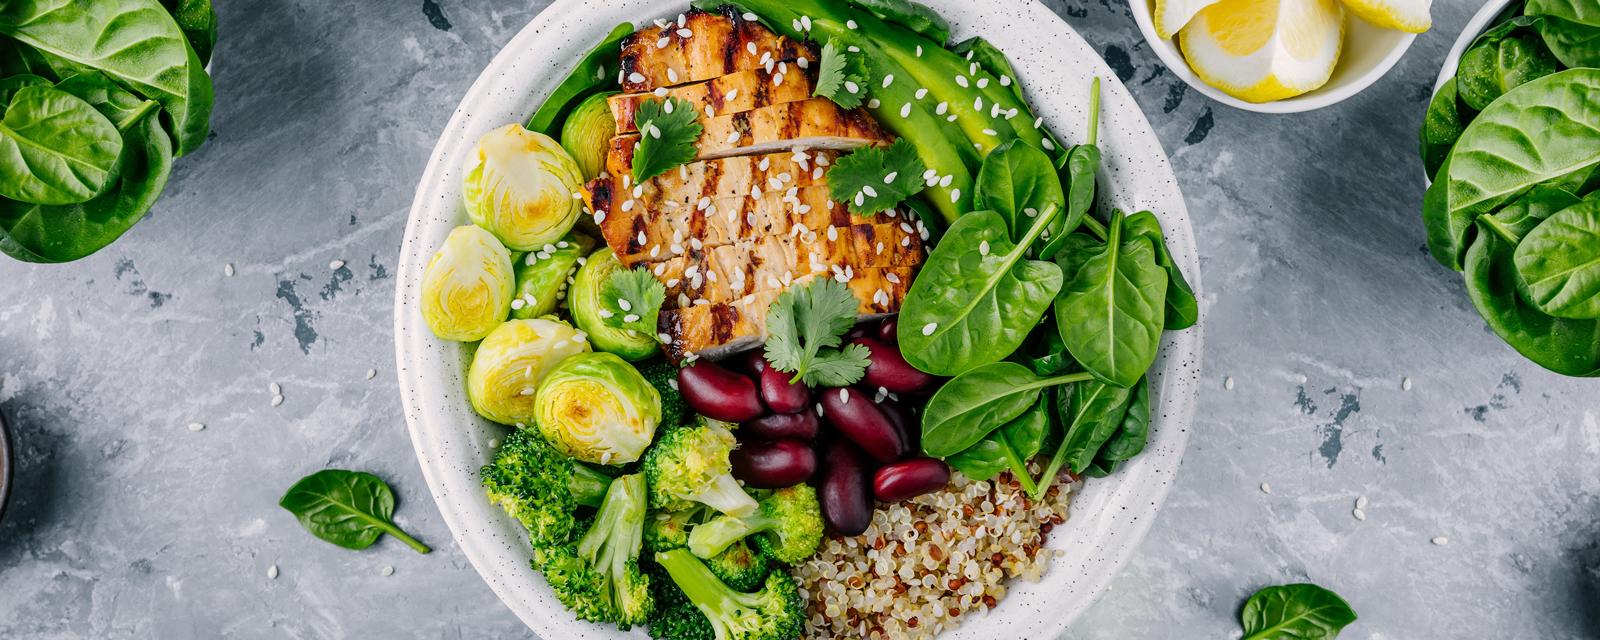 Közös fogyás diéta – Health and beauty